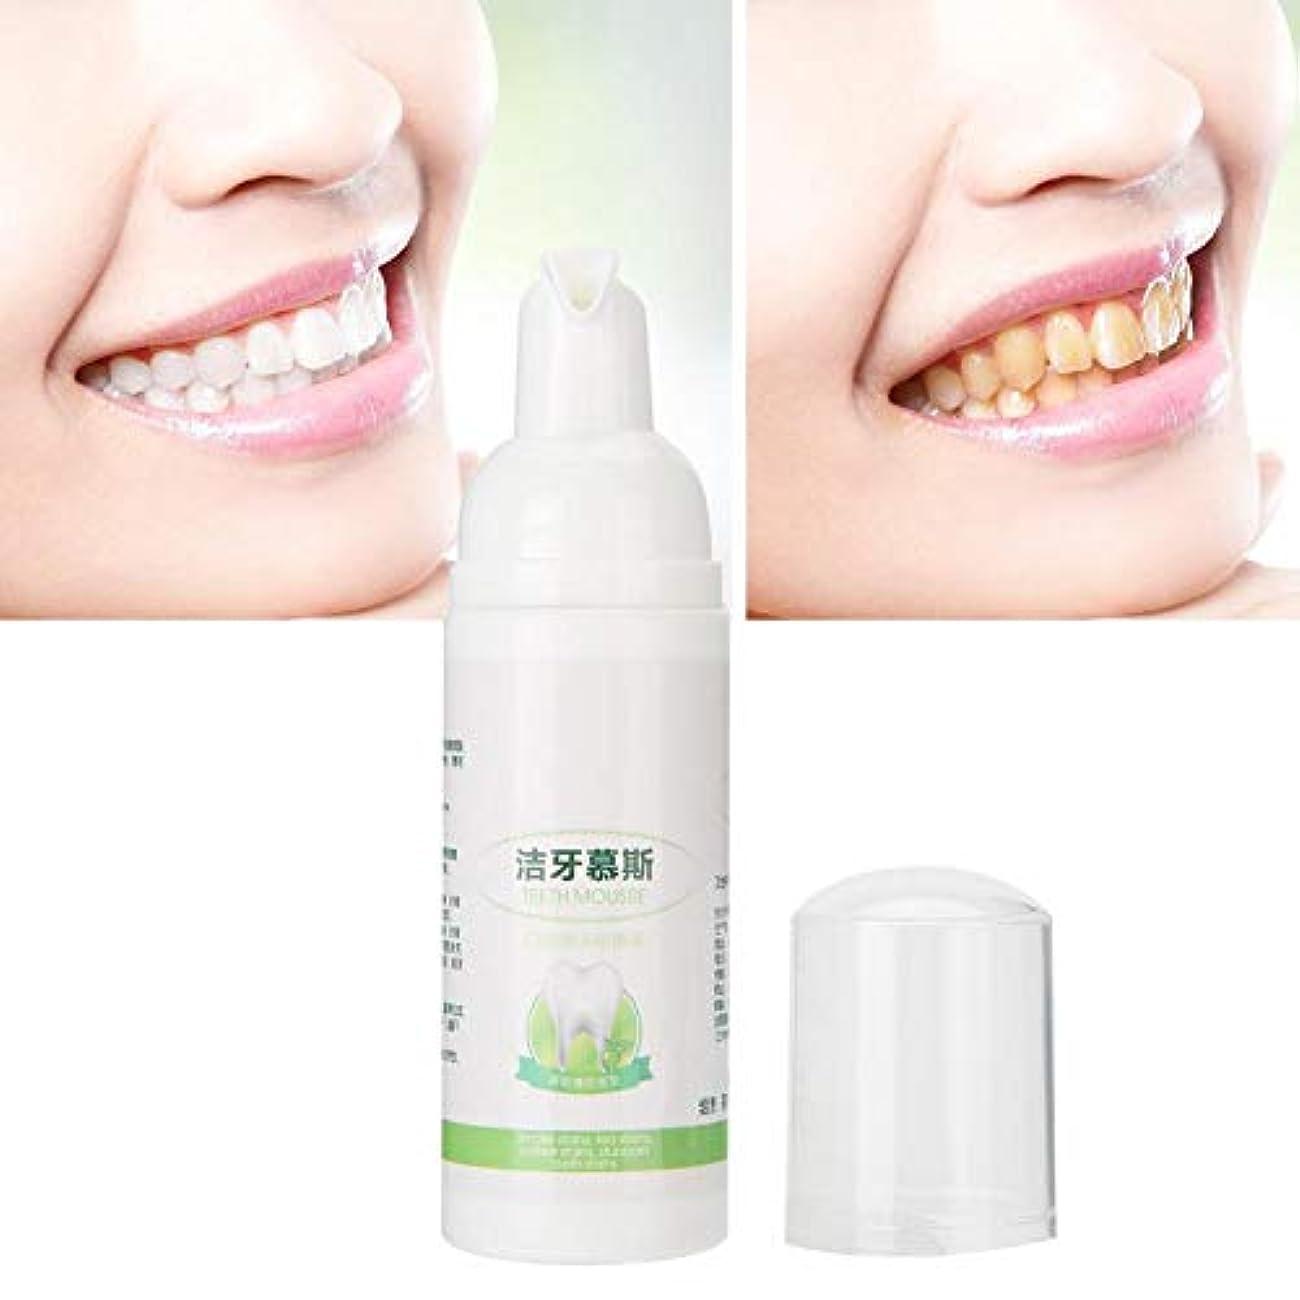 獣消毒剤ピクニック口腔衛生ケア歯のクリーニングホワイトニングムース口腔口臭口芳香剤スプレー60 ml